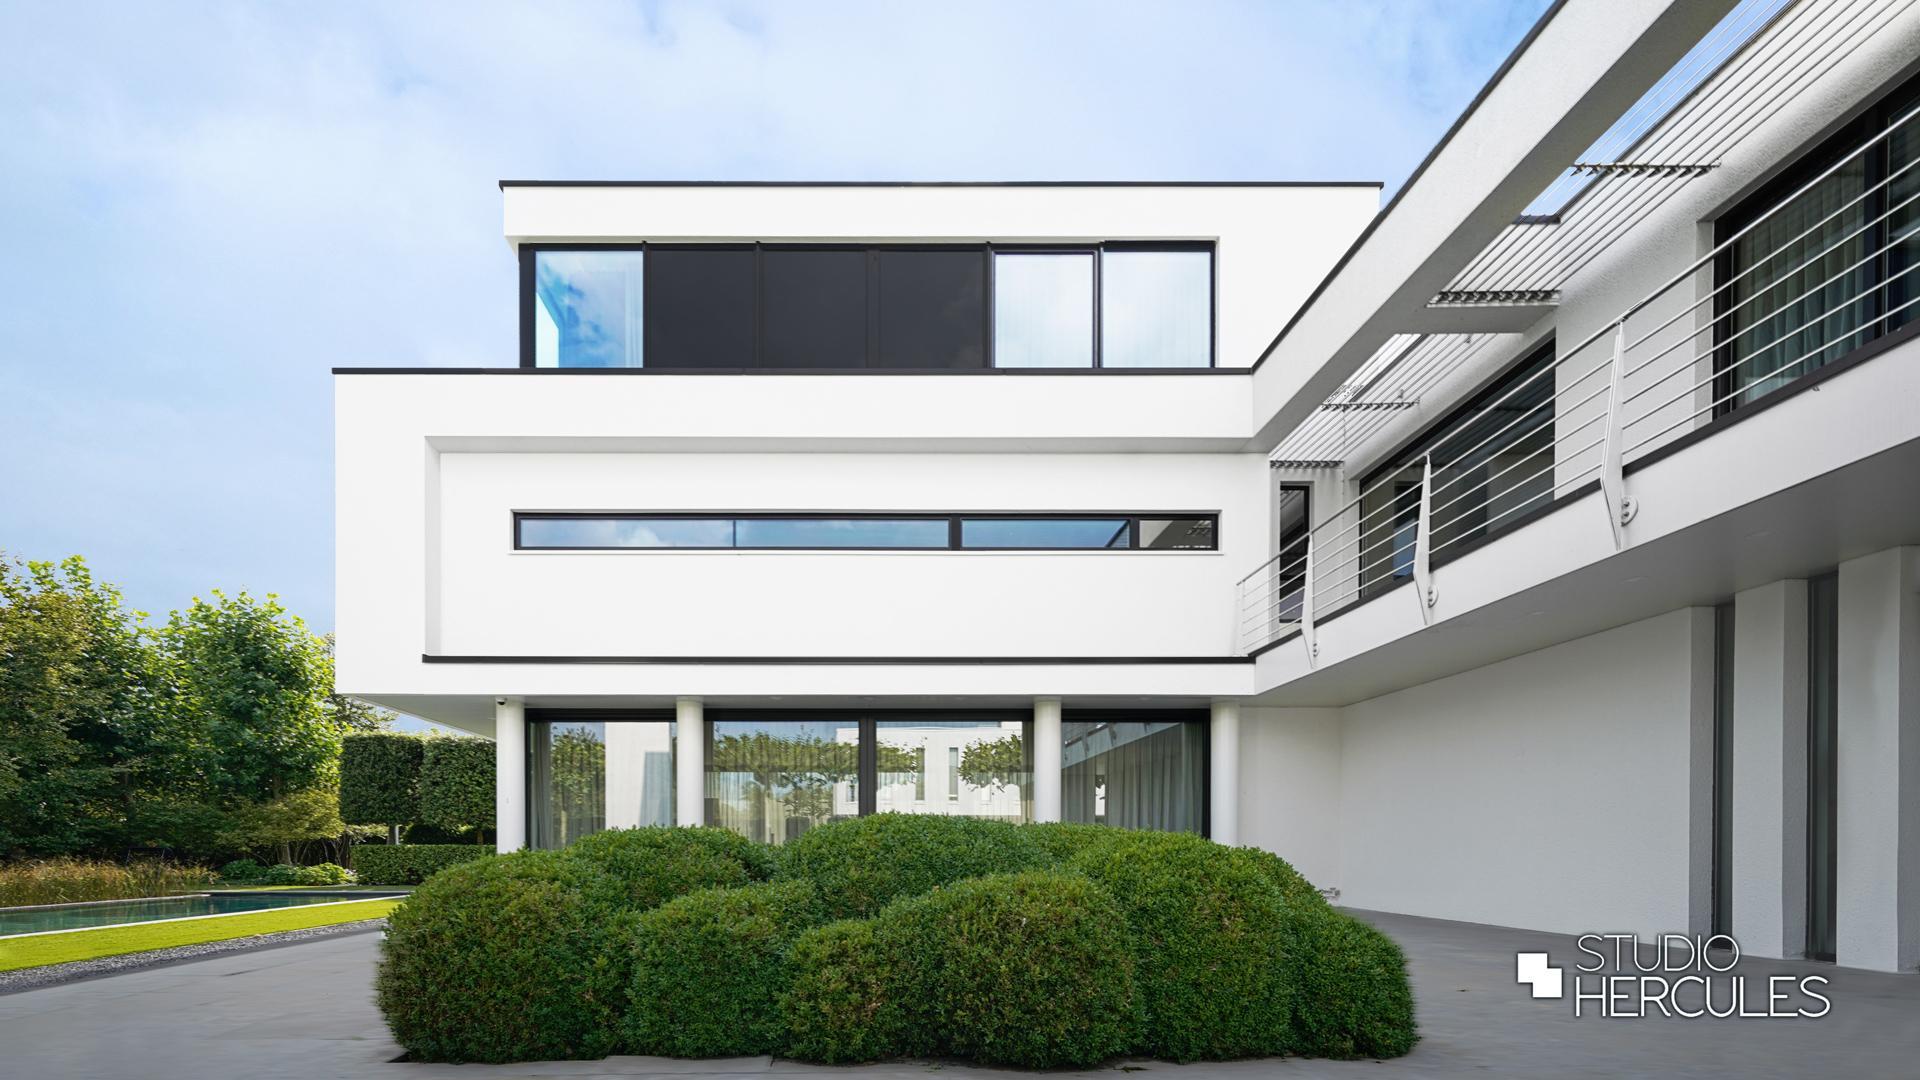 StudioHercules Ibiza stijl zijgevel in modern stucwerk.